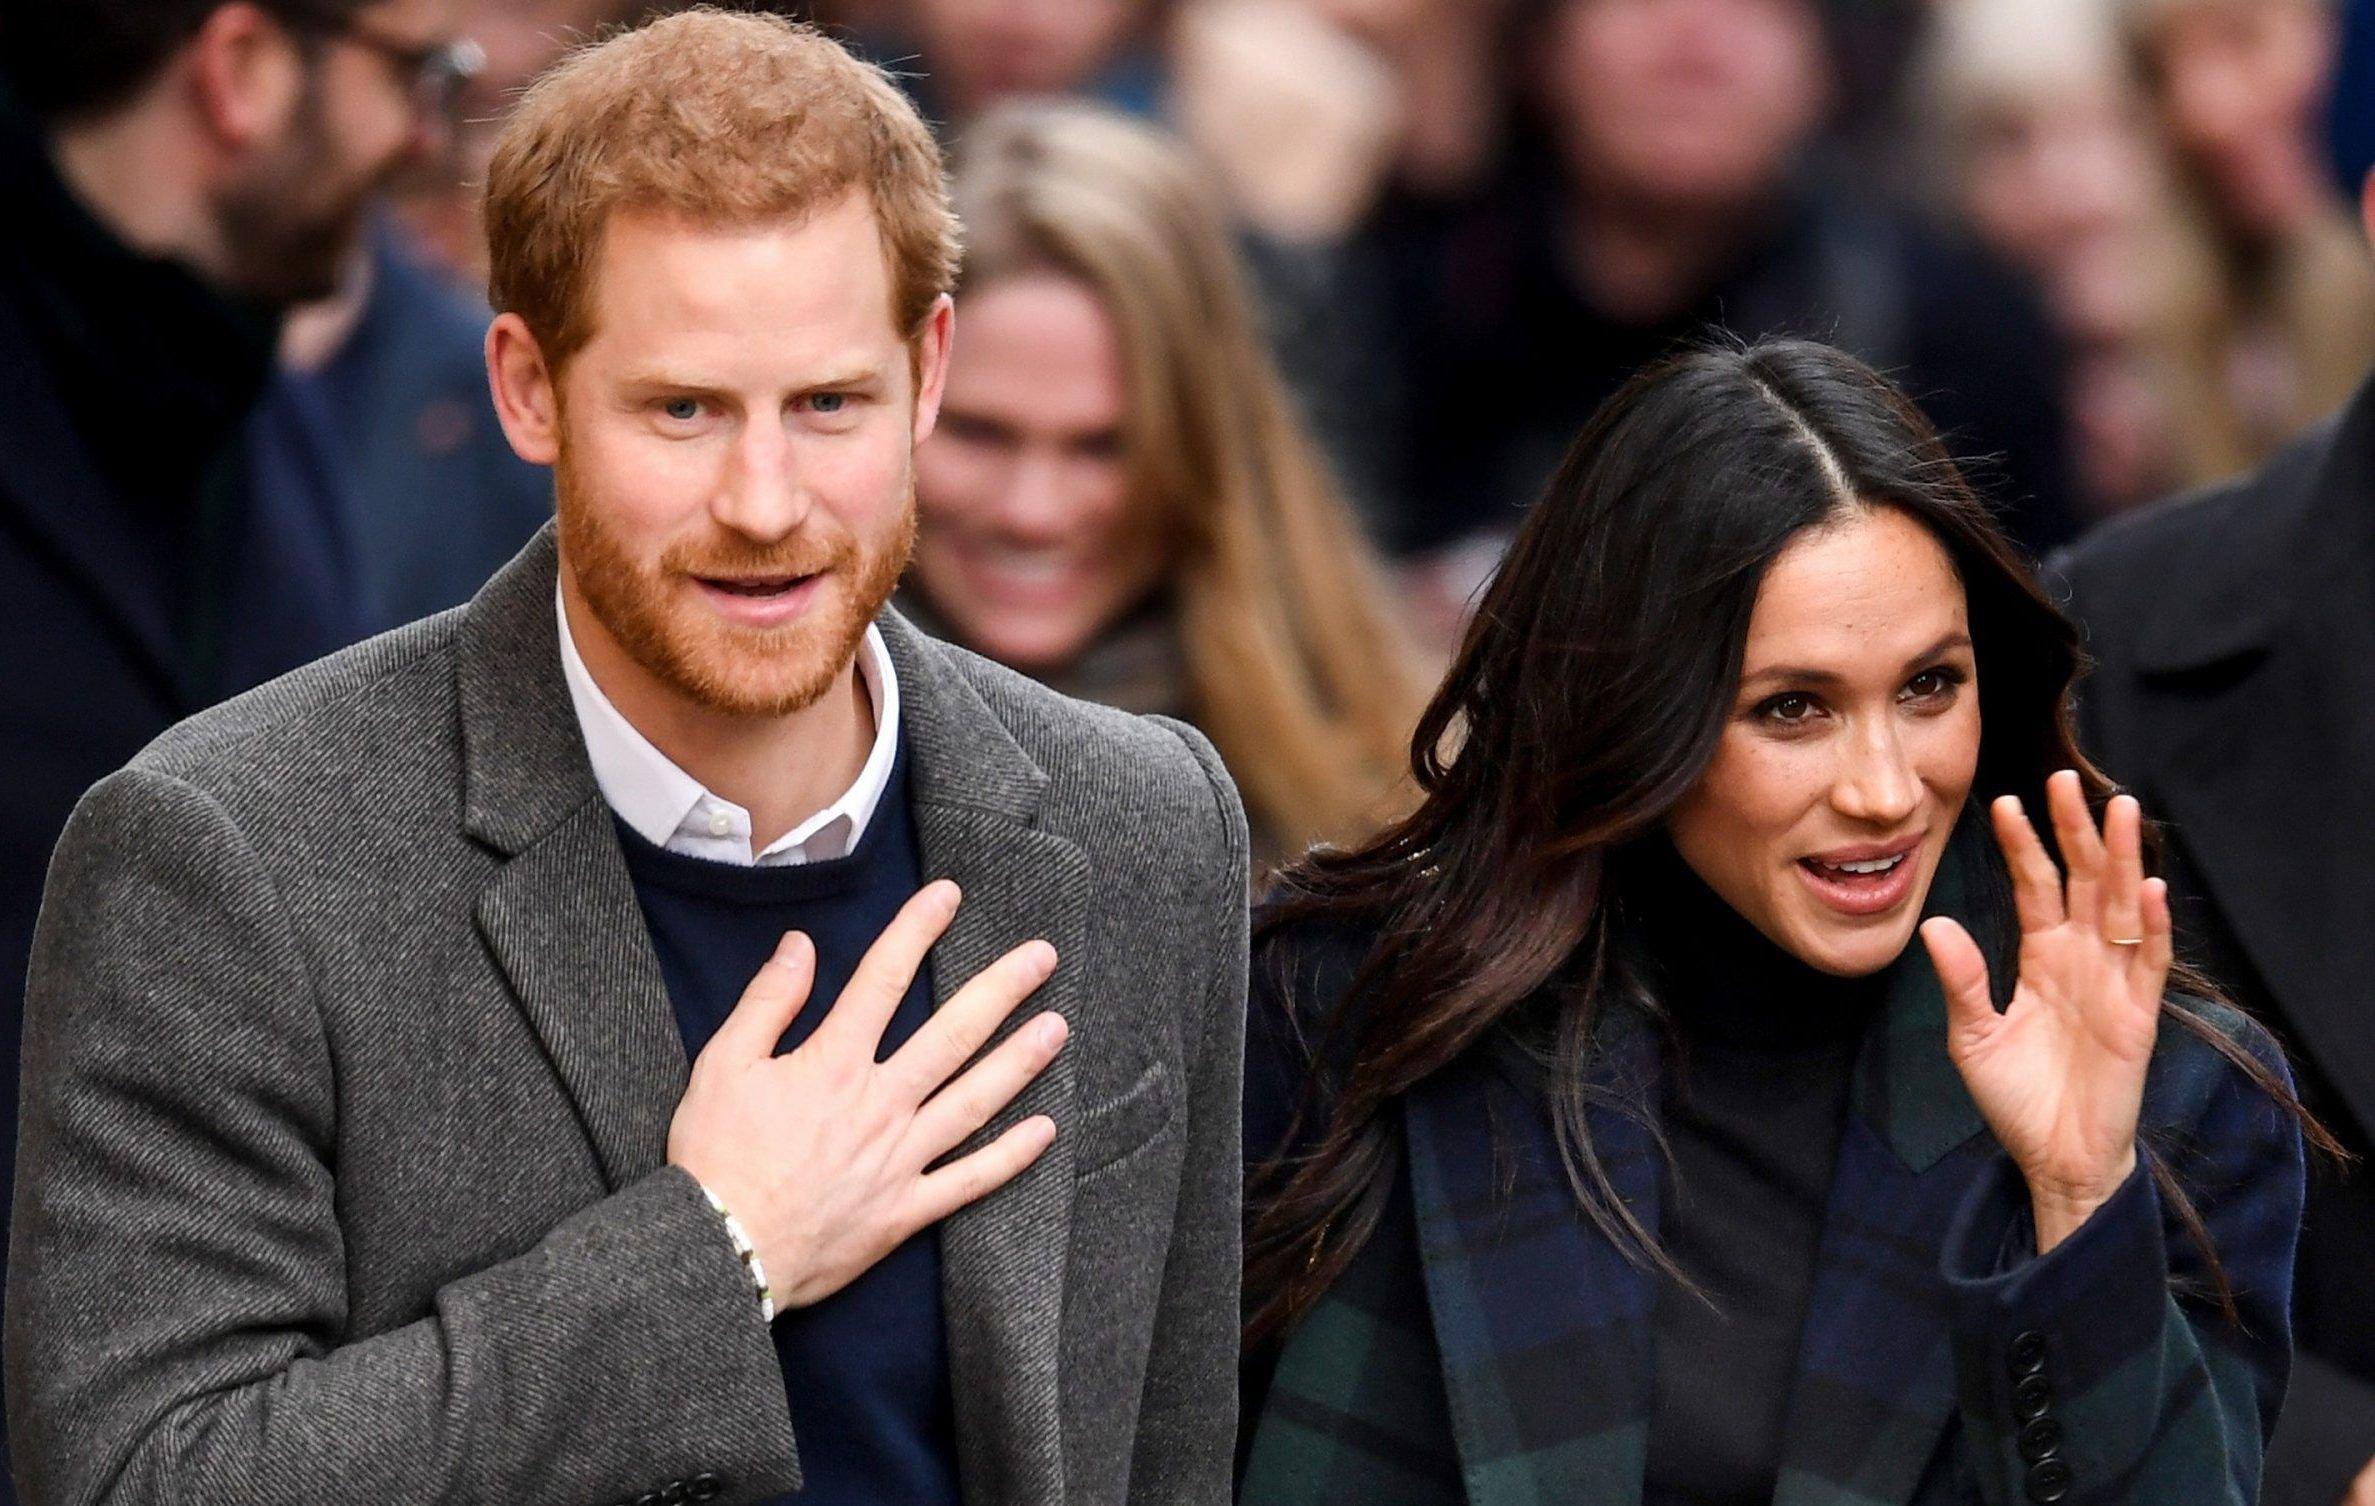 Семья Елизаветы II может вычернуть из королевской семьи принца Гарри и Меган Маркл